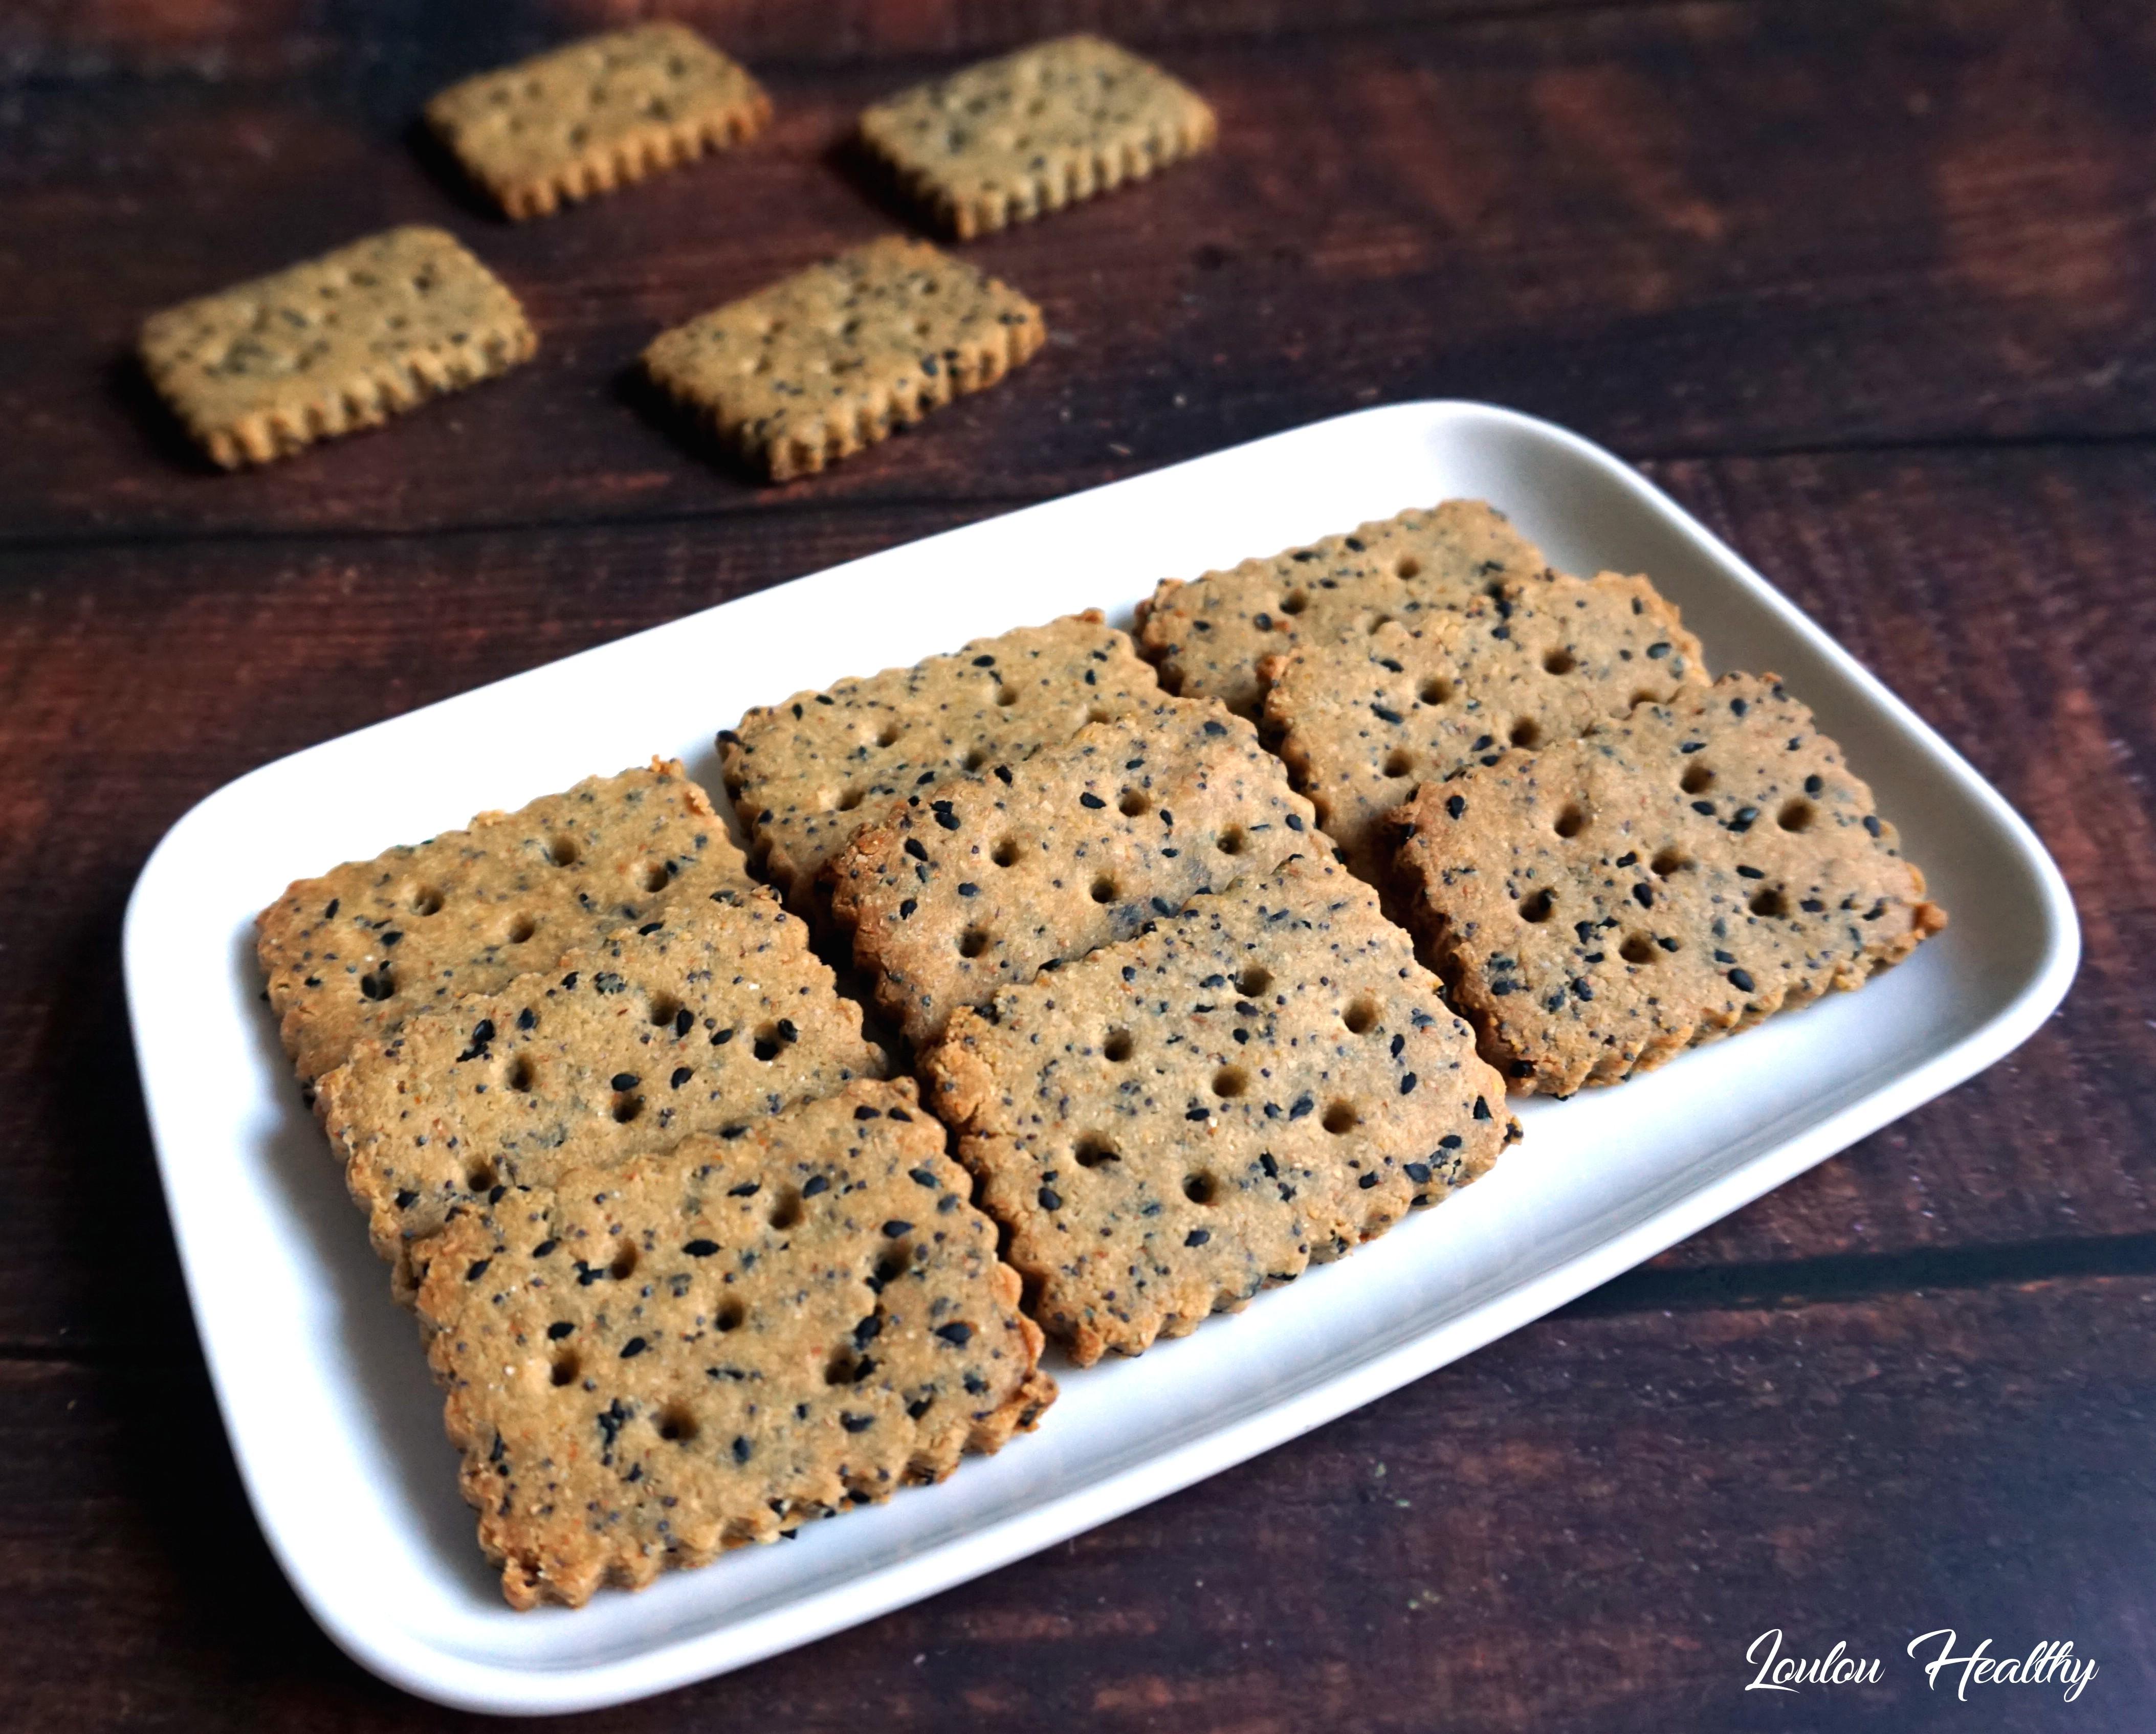 biscuits aux graines noires3